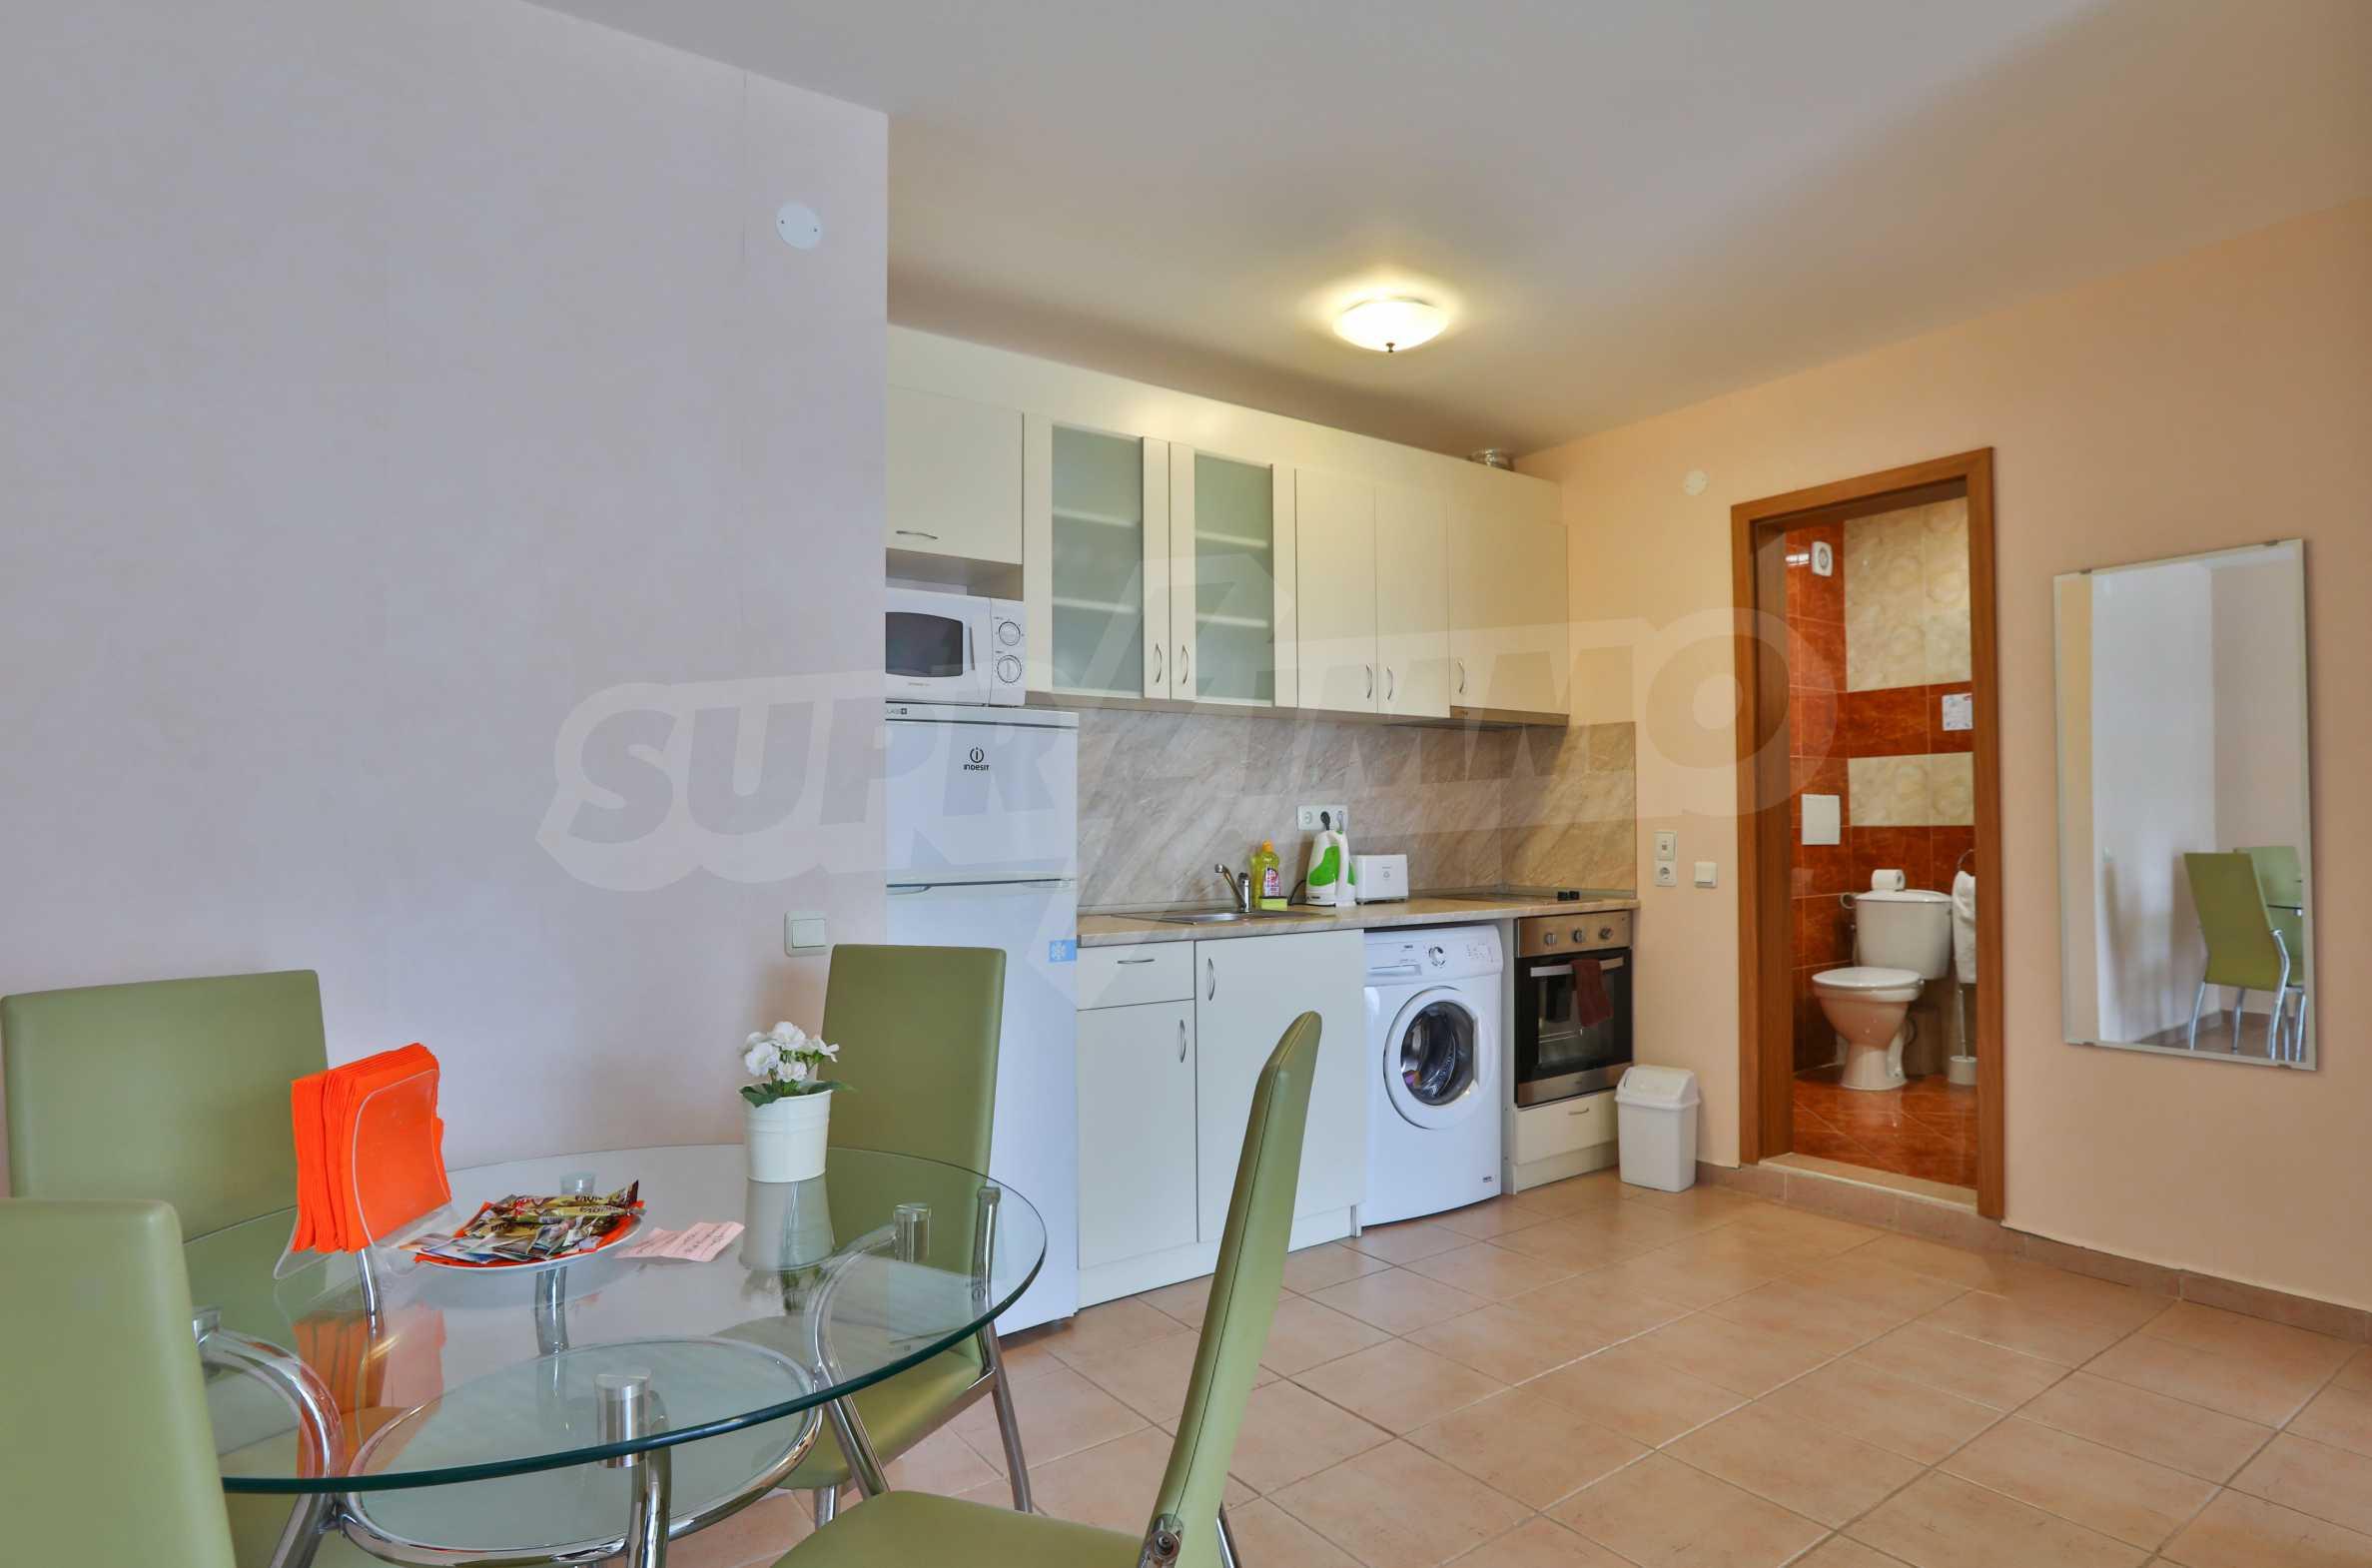 Двустаен апартамент в елитен комплекс на първа линия море 5